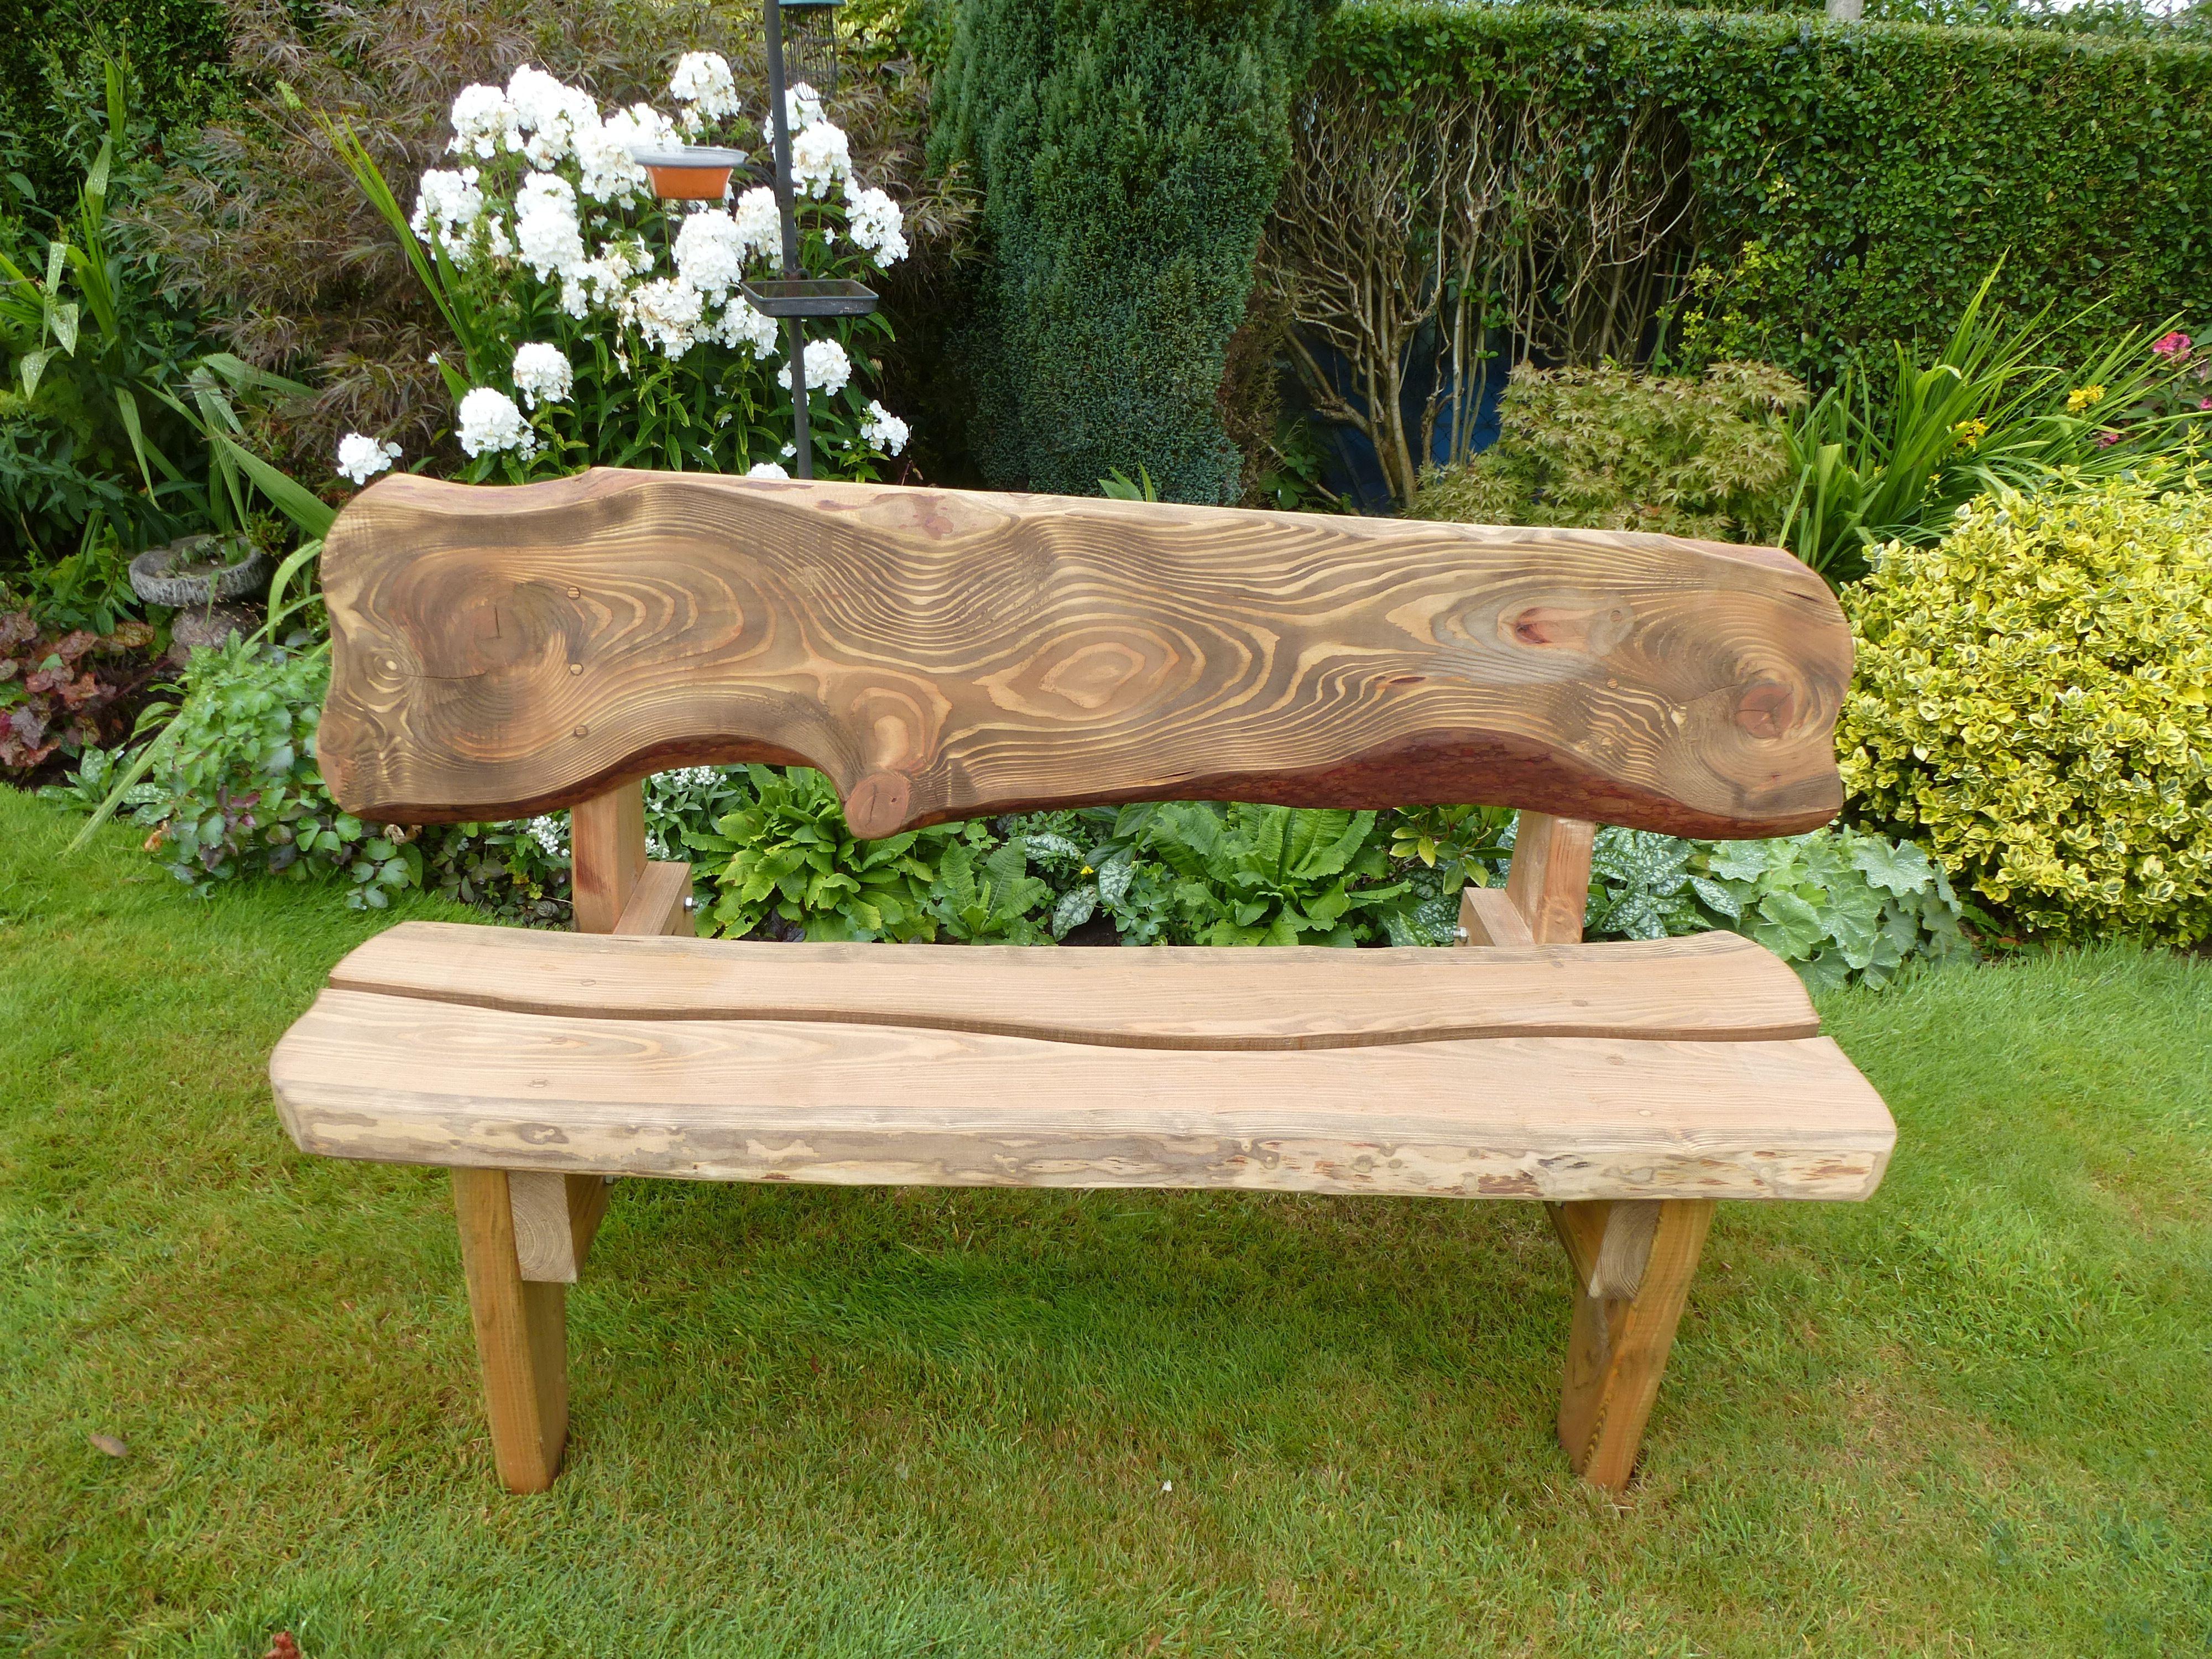 The Garden Benches Of Usa Cheap Garden Benches Wooden 400 x 300